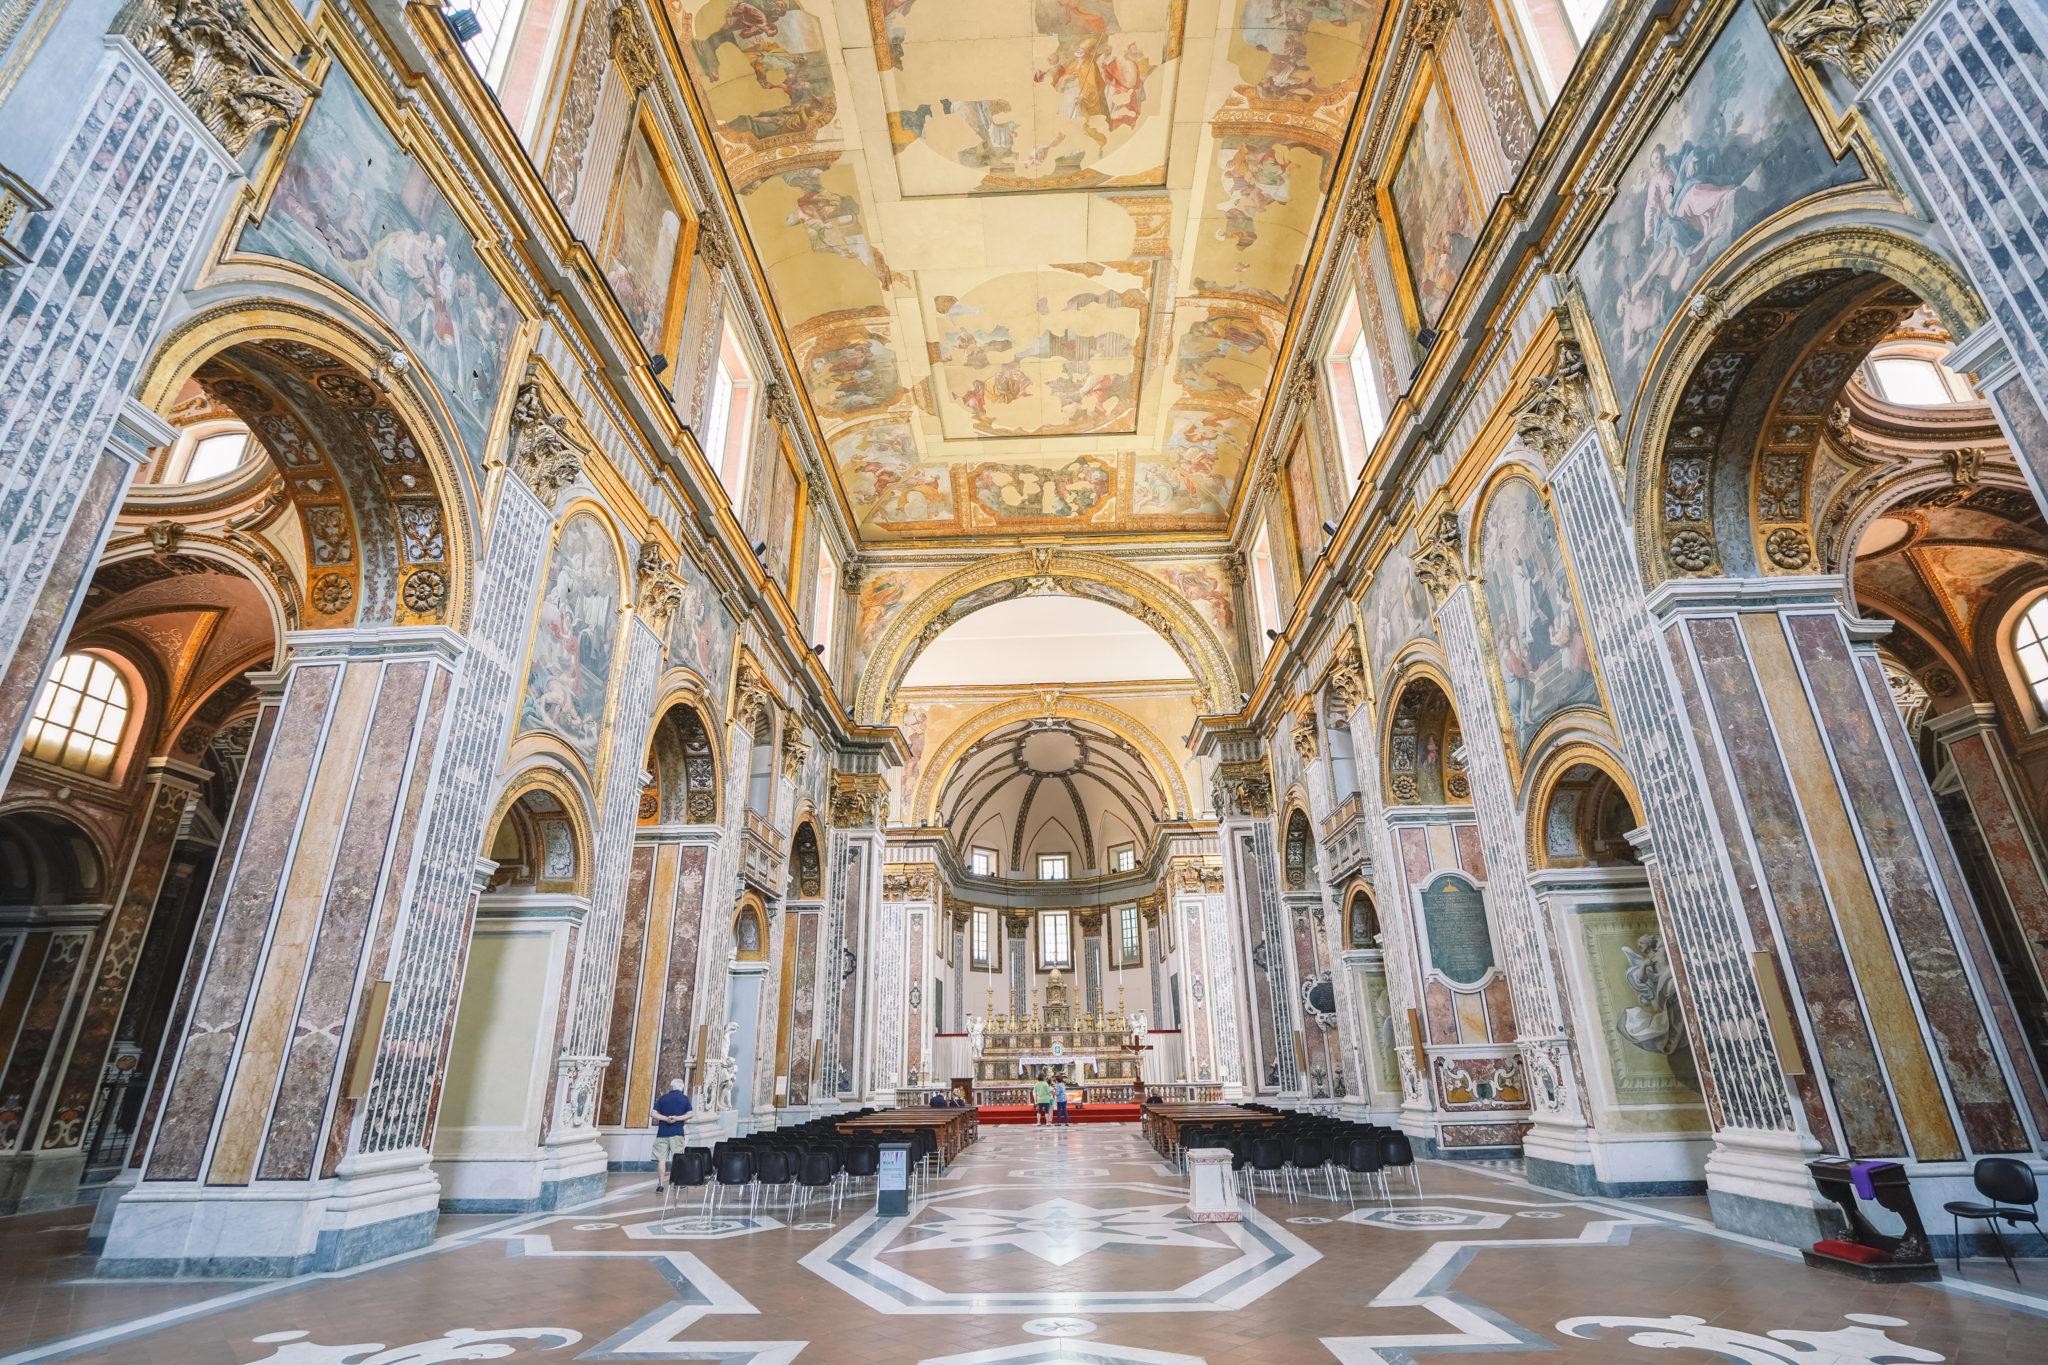 naples-visiter-city-guide-basilique-san-paolo-maggiore